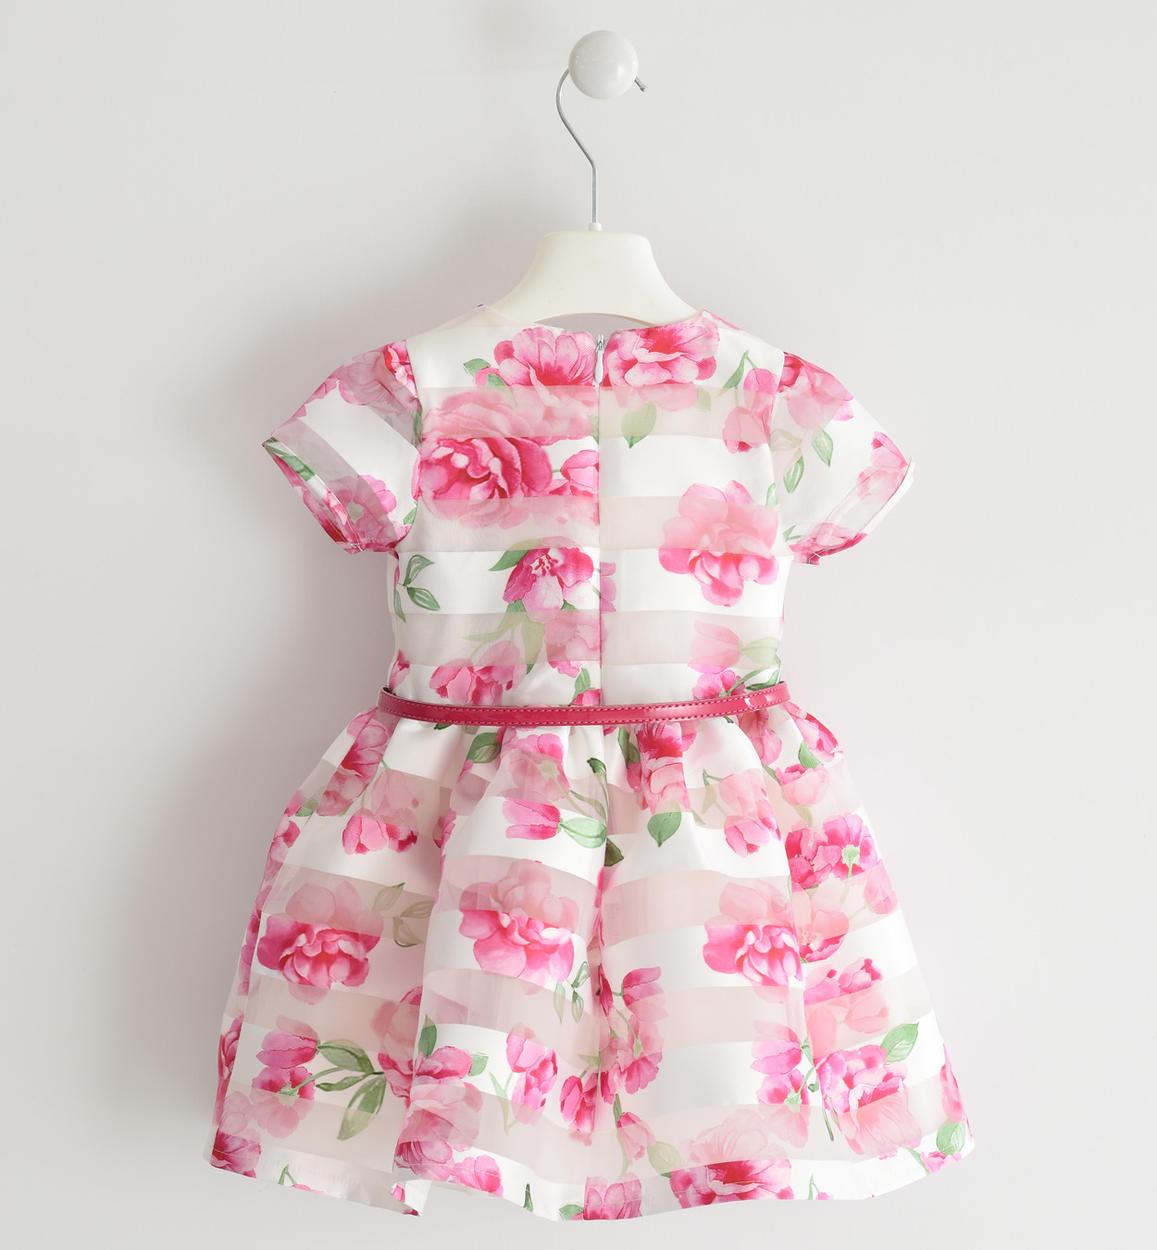 elegante e romantico abito con stampa fl panna retro 02 1444j29400 6me9 150x150